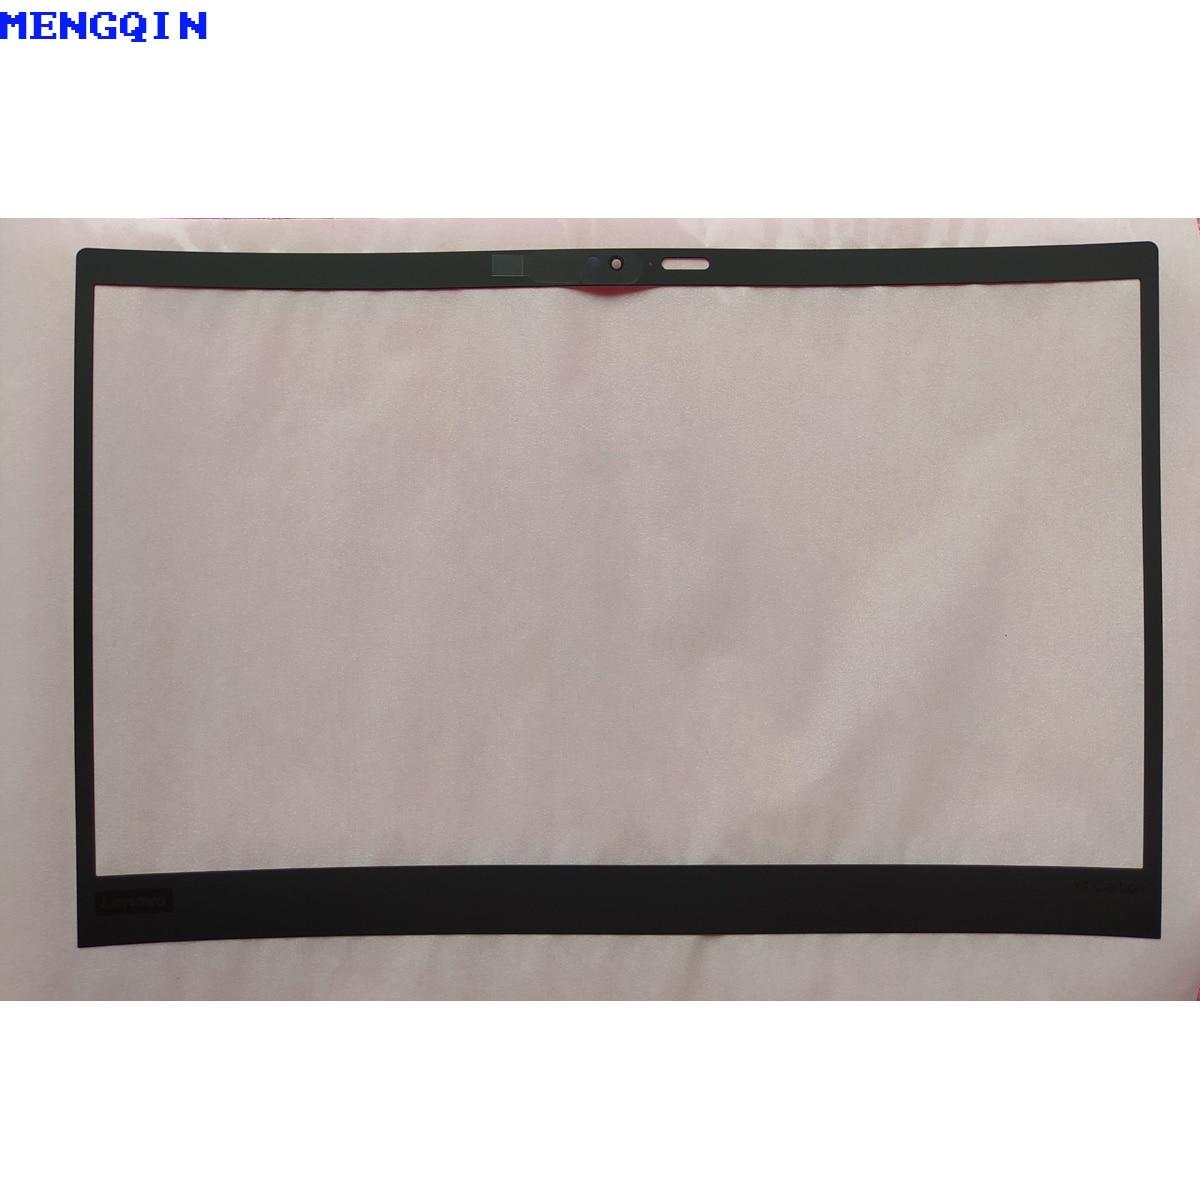 جديد LCD الحافة الشاشة الإطار الأمامي مايلر ملصق لينوفو ثينك باد X1 الكربون 7th الجنرال IR كاميرا محمول مع لاصق على الوجهين